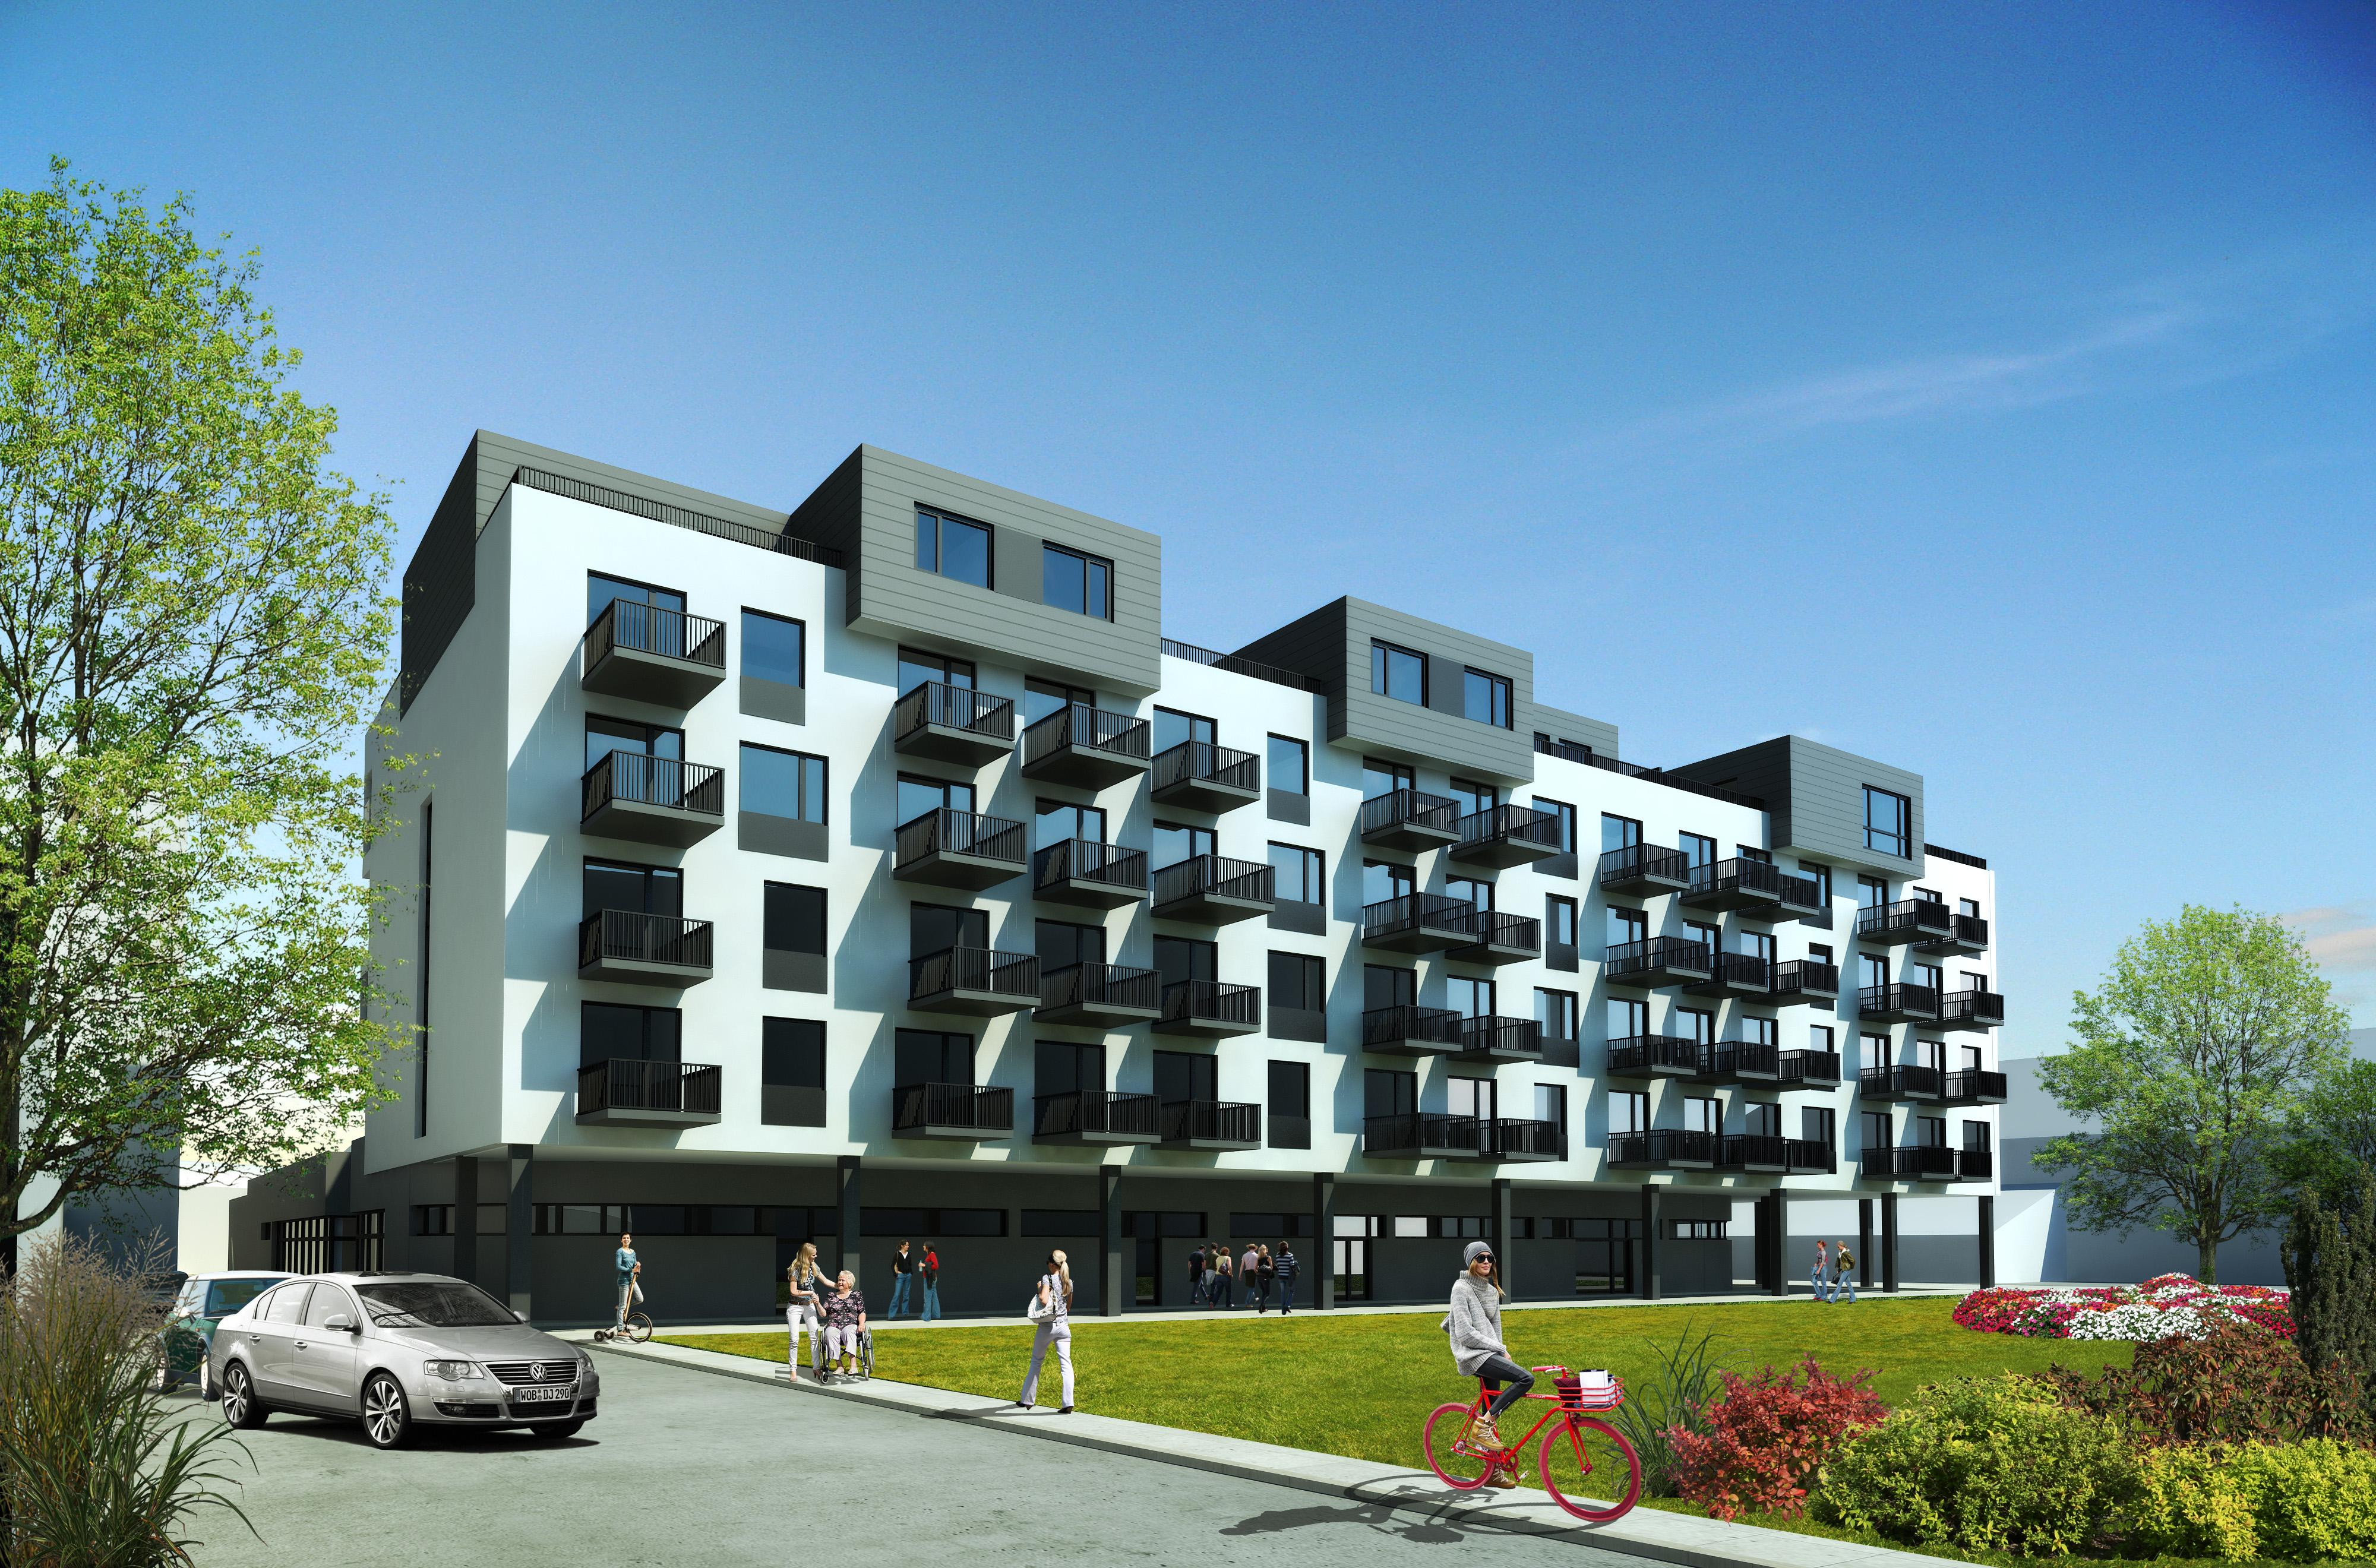 Atraktívne bývanie v centre Nitry - NOV - Katalóg firiem  93ab1a3226a